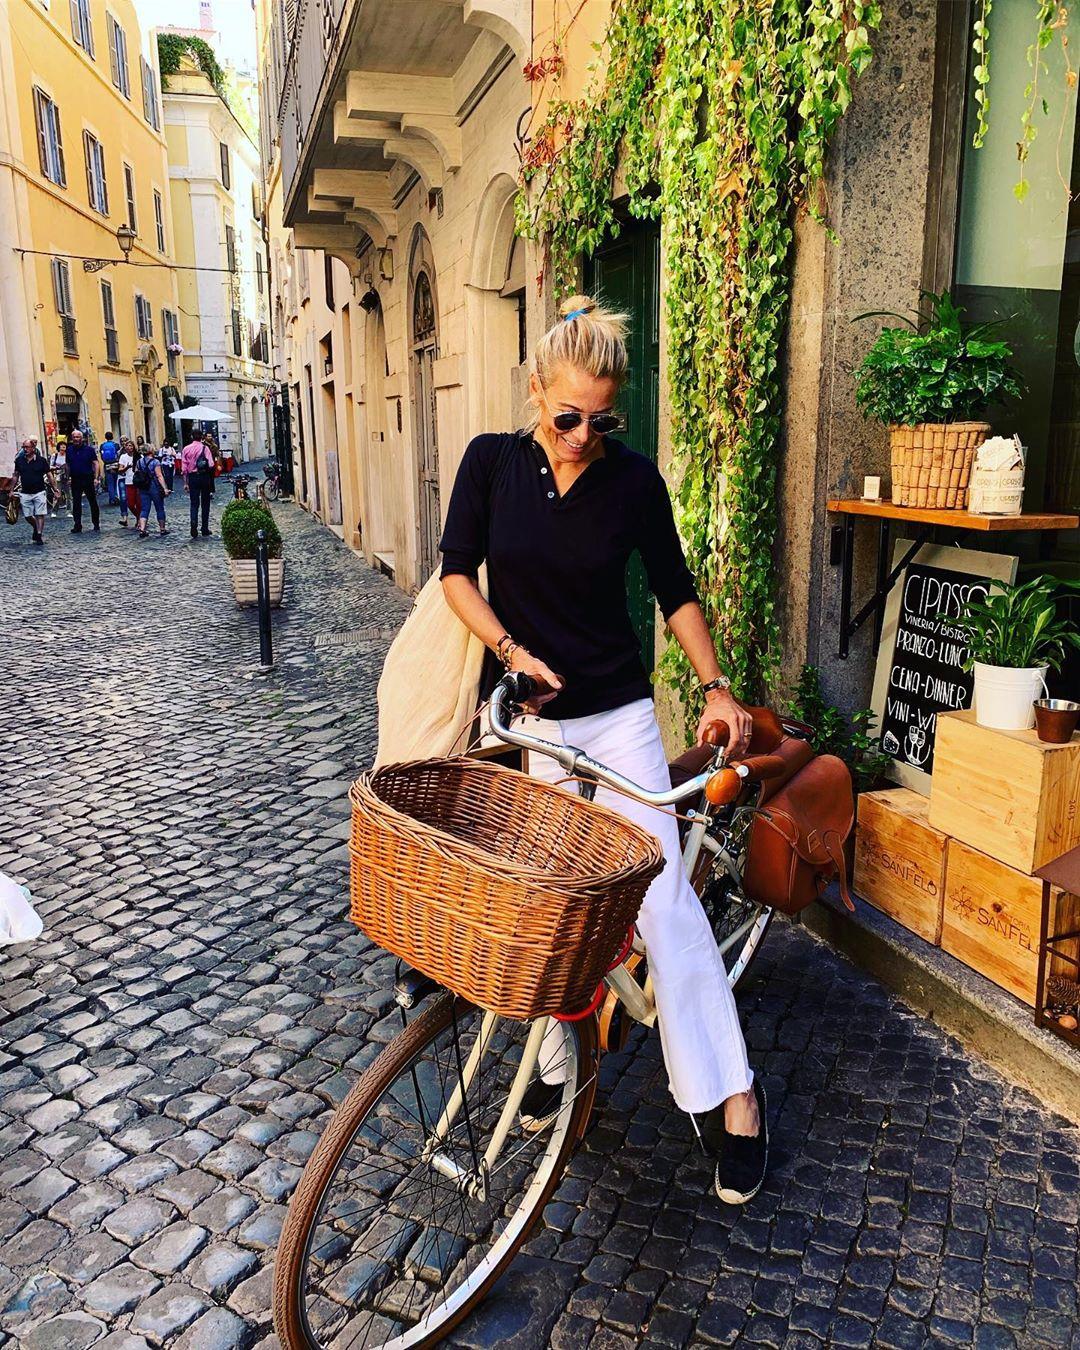 Похитители велосипедов. Сегодня утром в Риме. Нужно пересмотреть шедевр Vittorio De Sica Ladri di biciclette